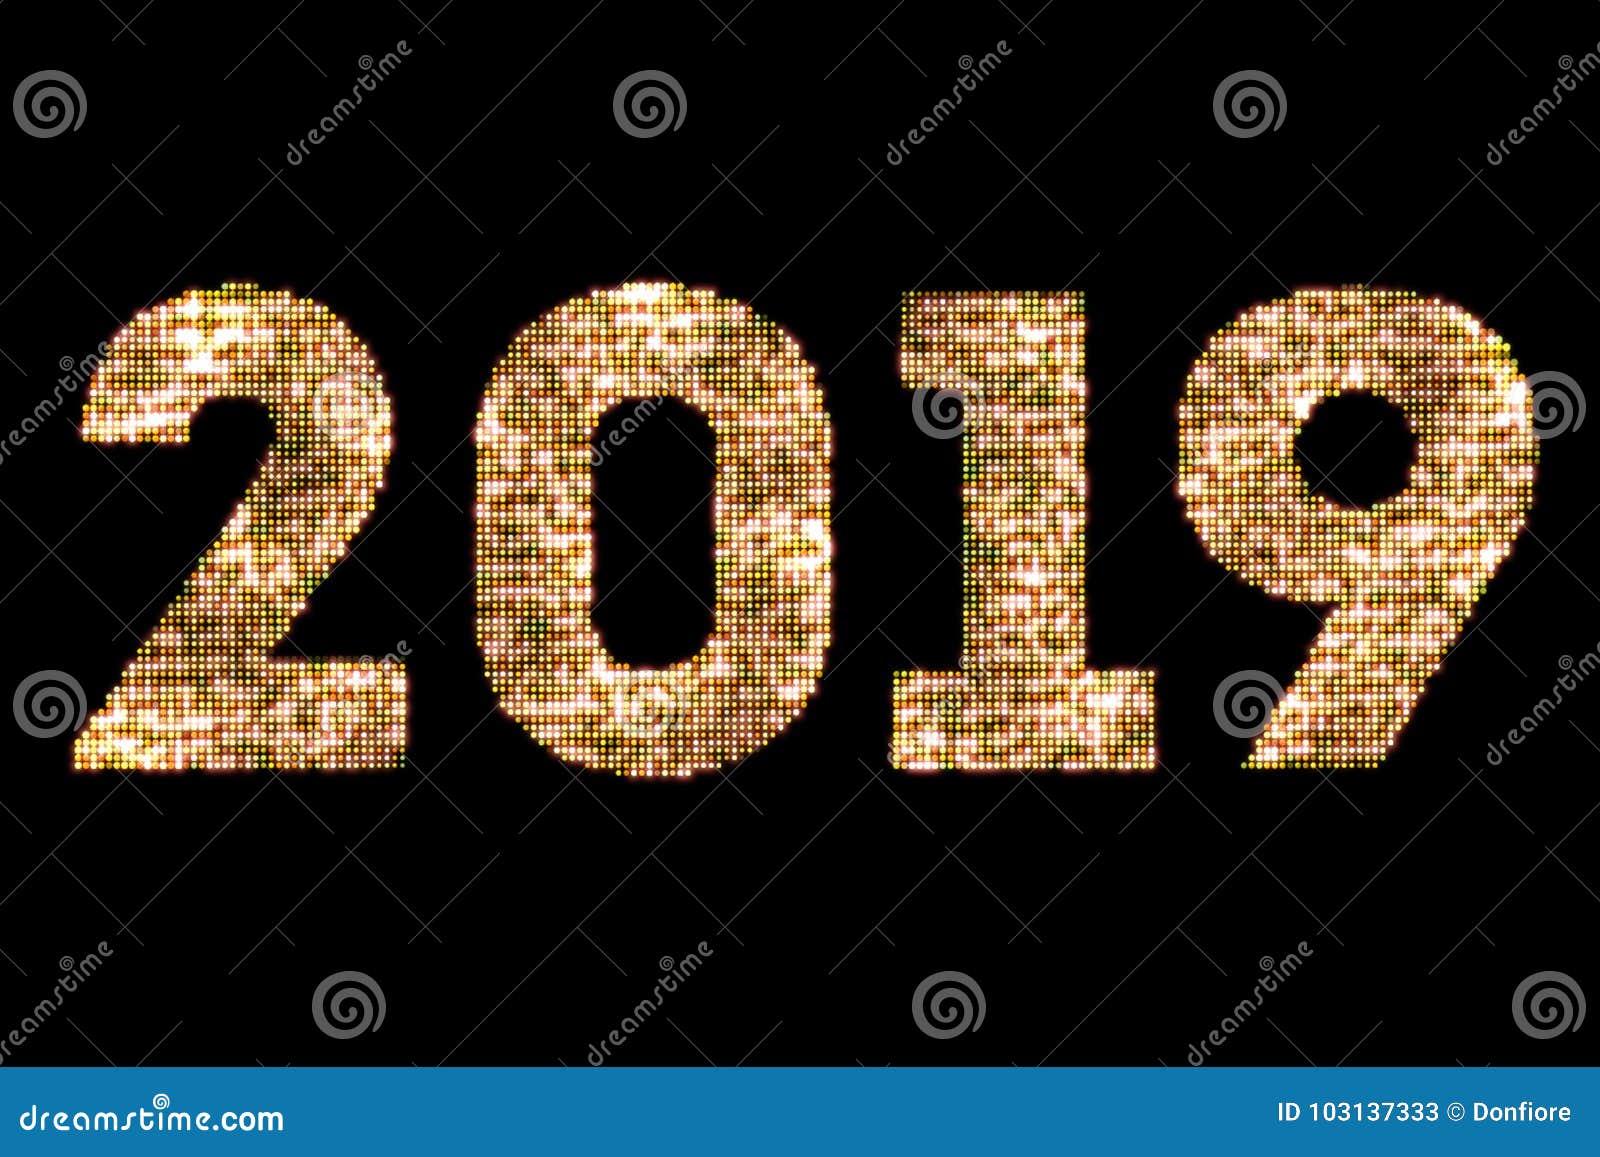 Funkelnlichter der Weinlese sparkly gelbes Goldund glühender Effekt, die Worttext LED-guten Rutsch ins Neue Jahr 2019 auf schwarz